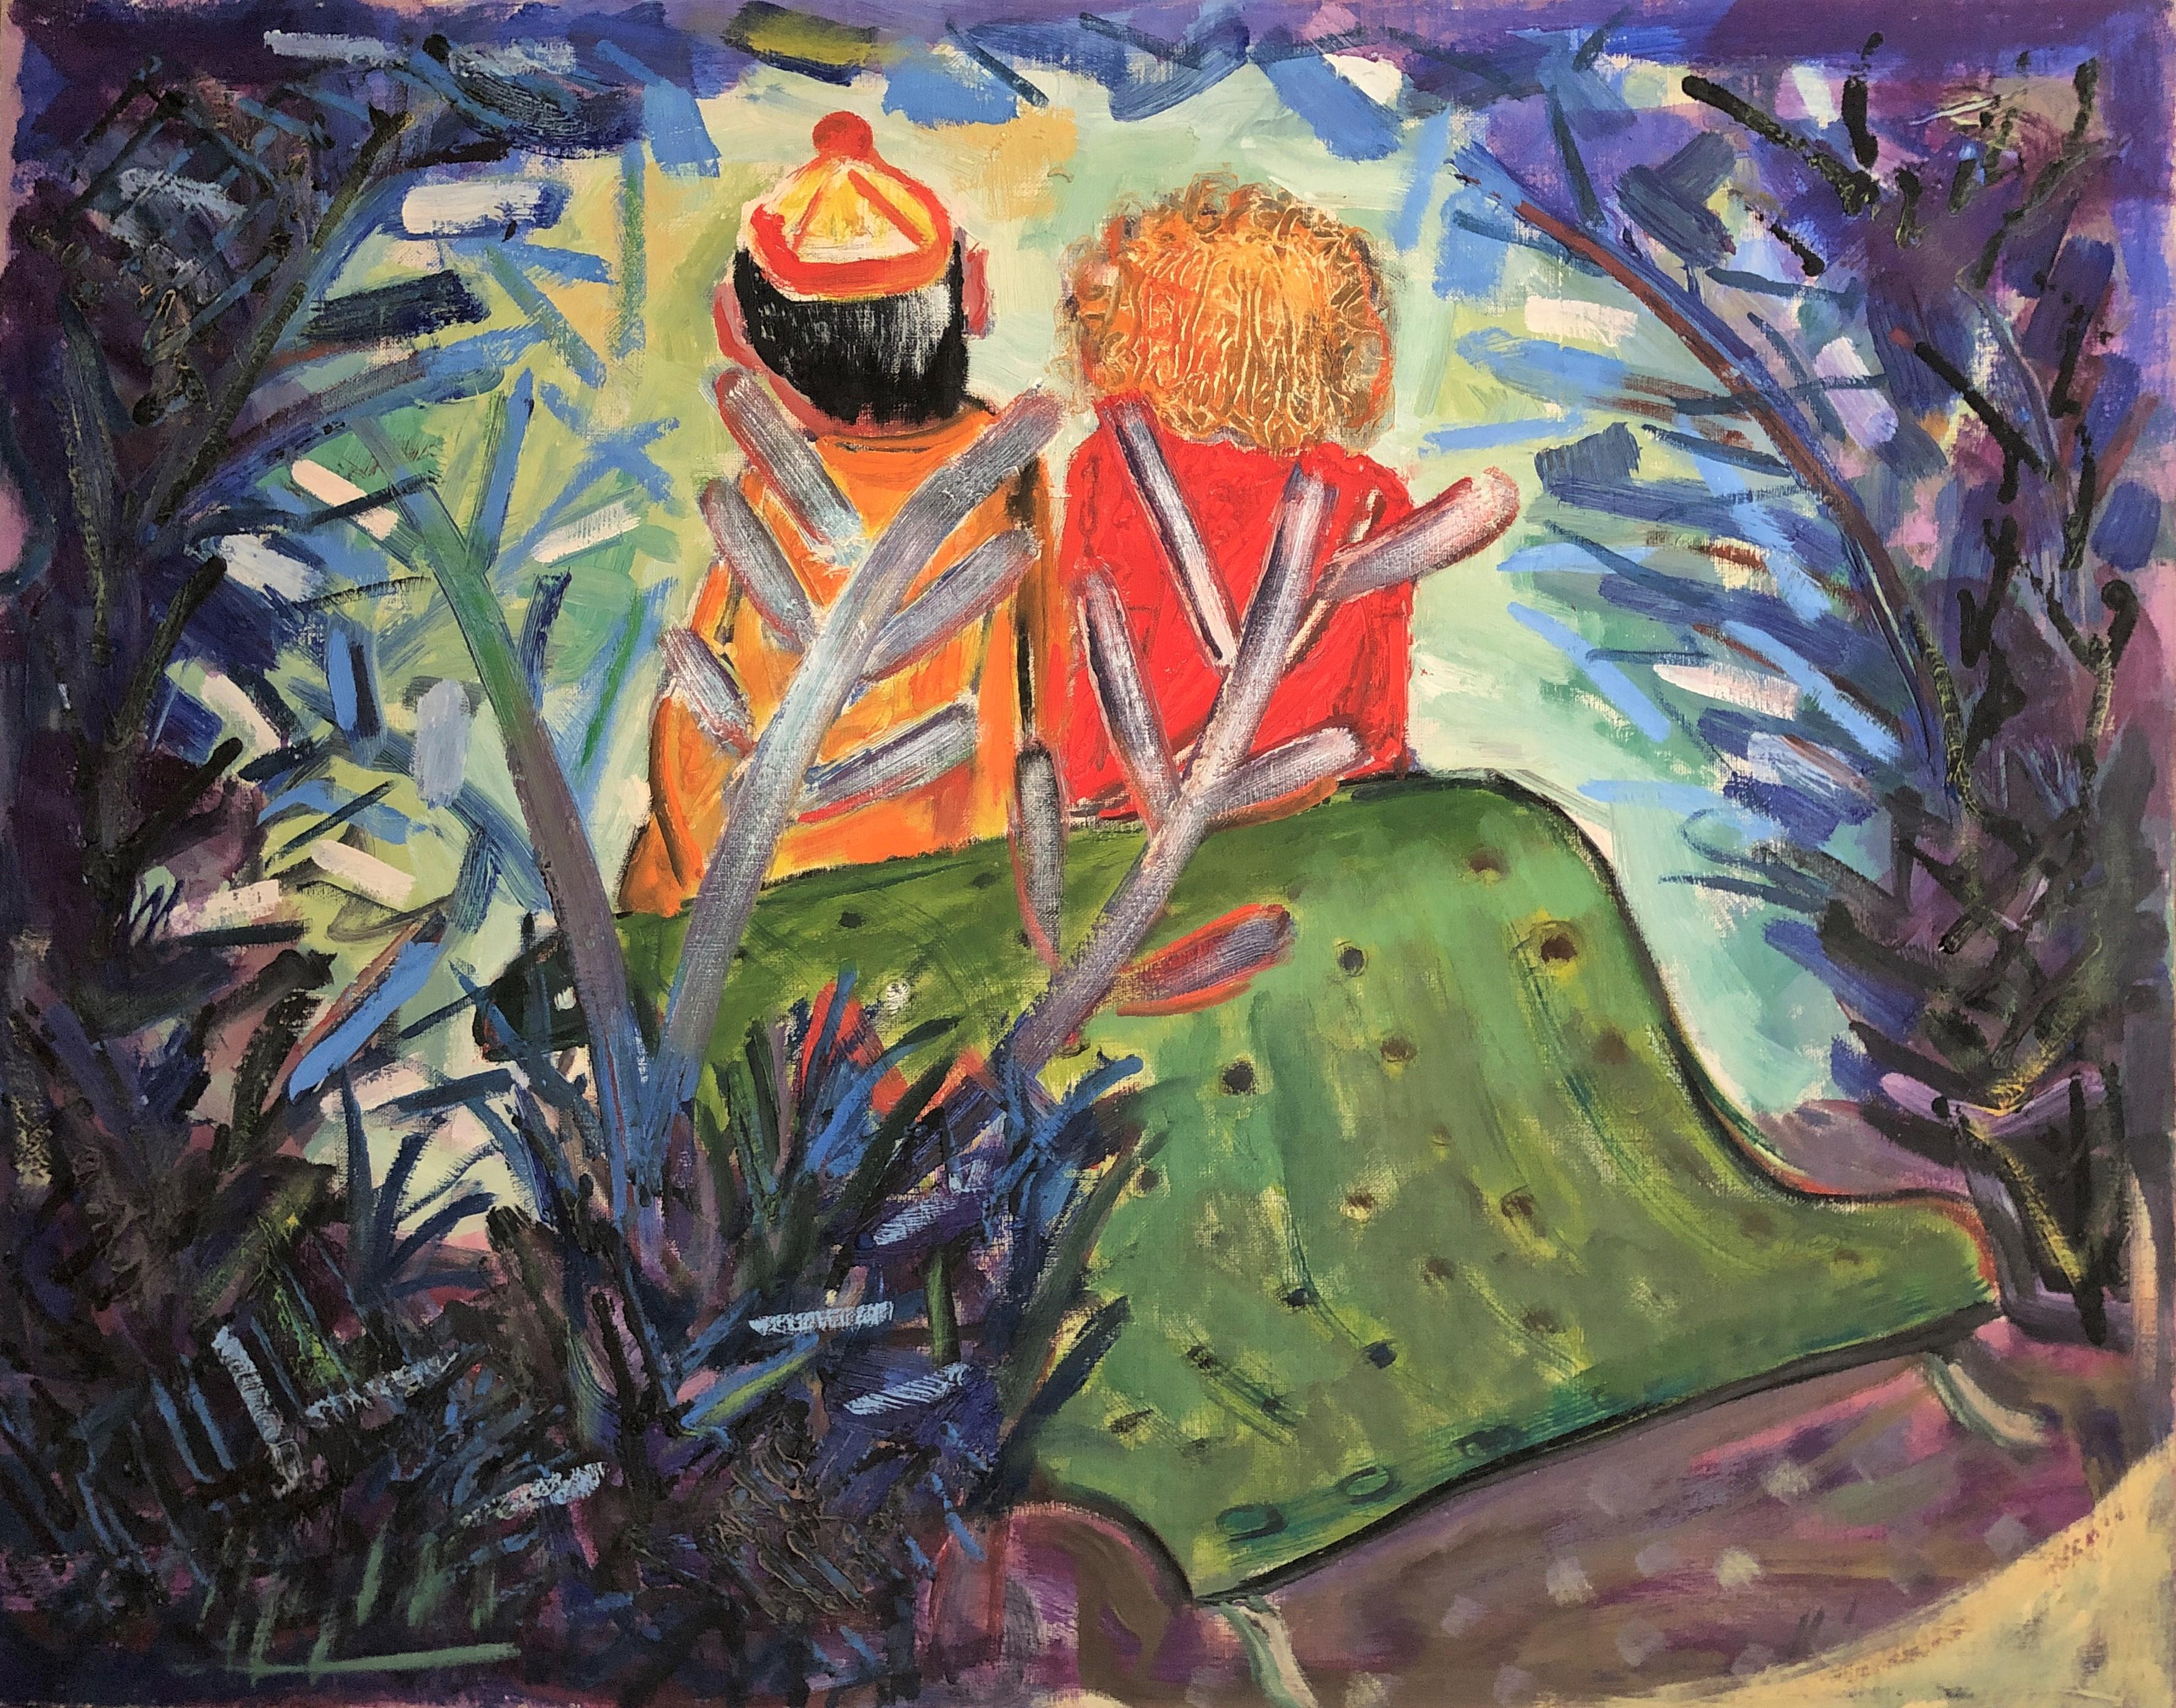 Les palmiers original oil on canvas painting